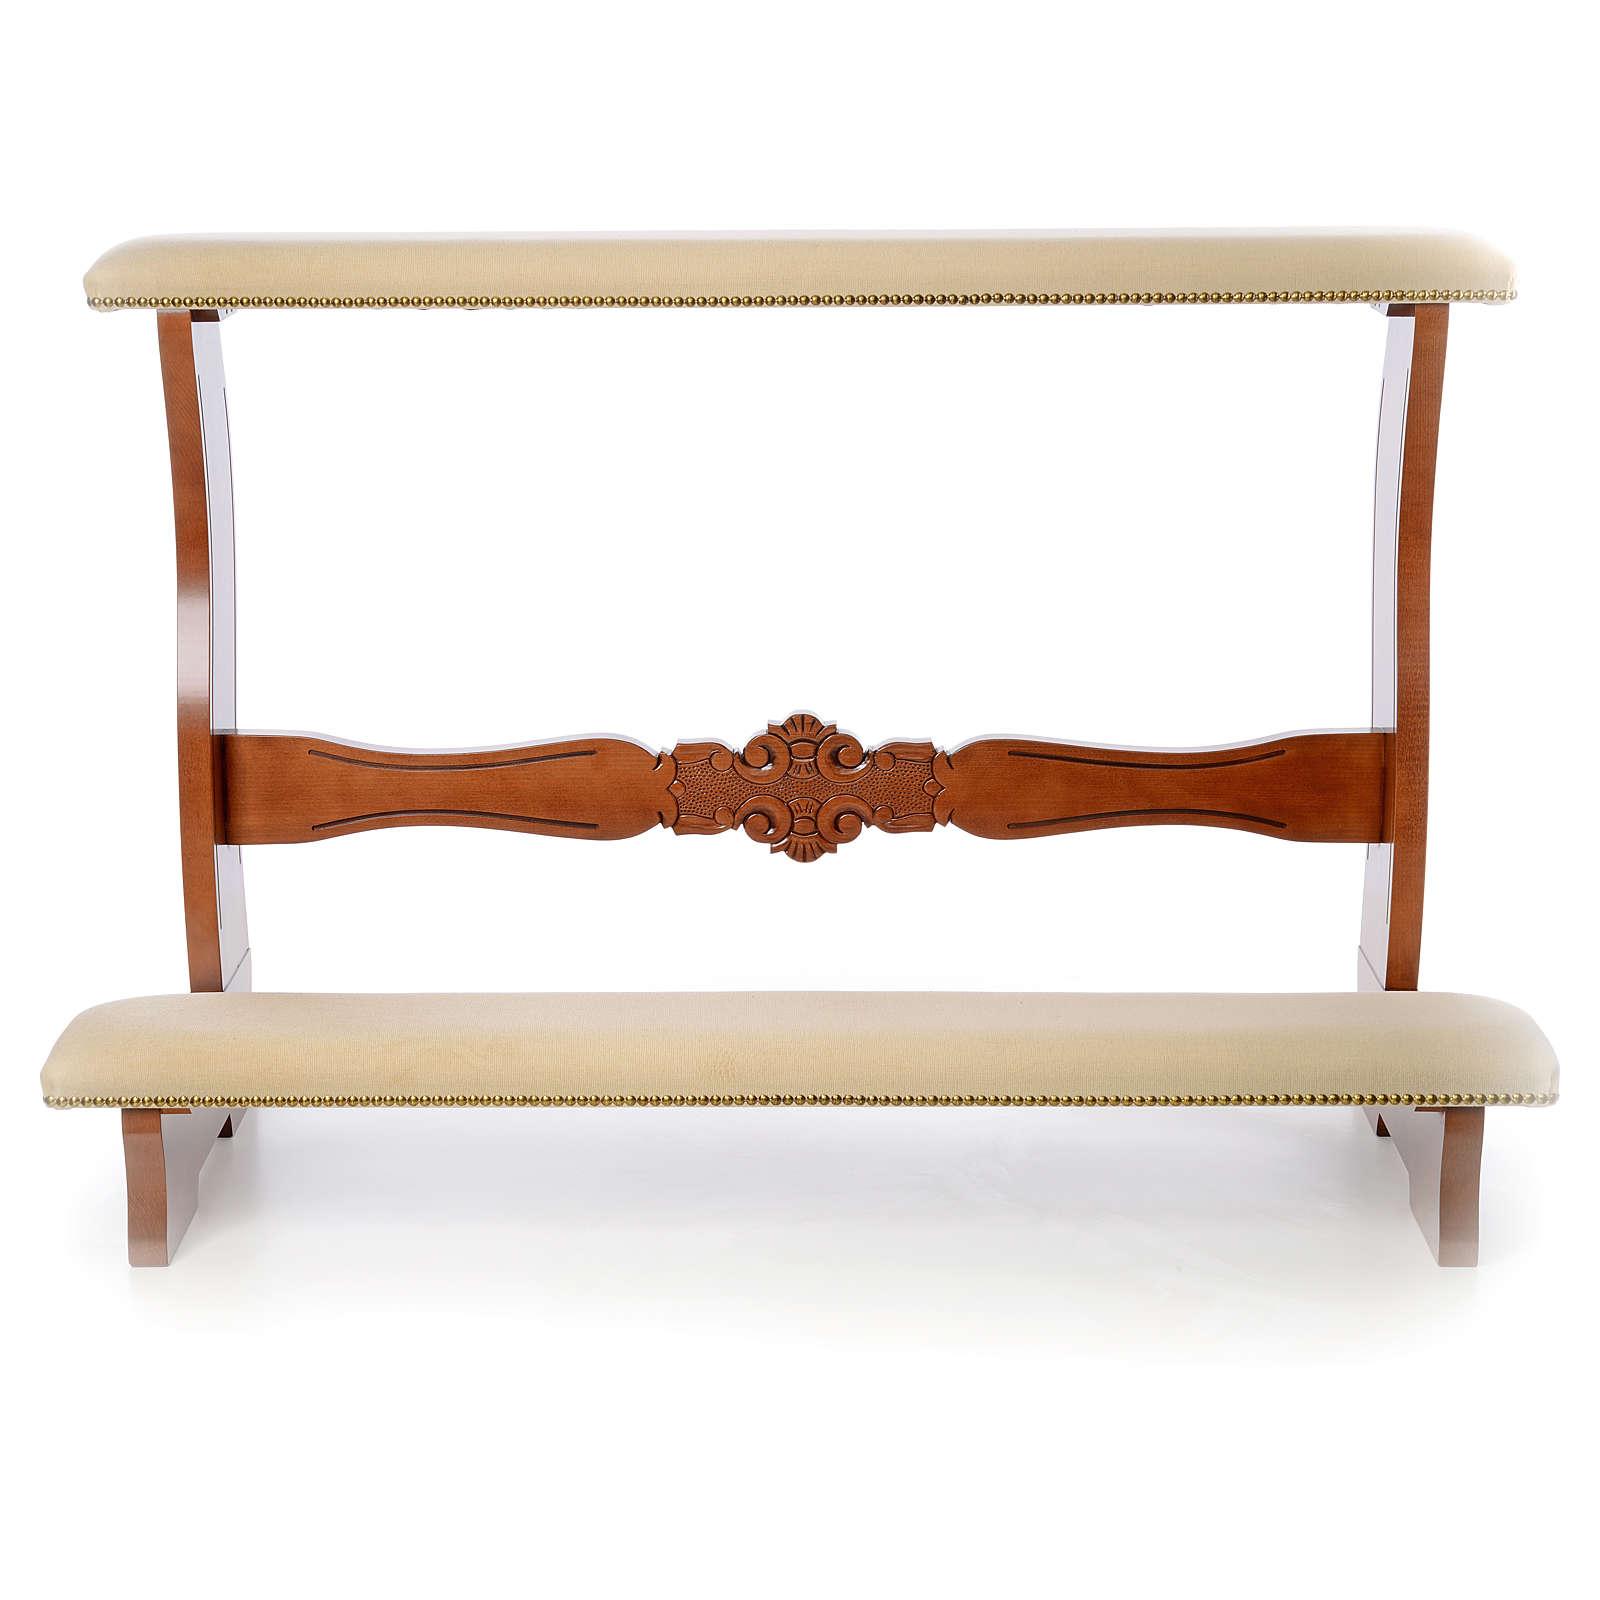 Reclinatorio de esposos madera nogal terciopelo marfil 4